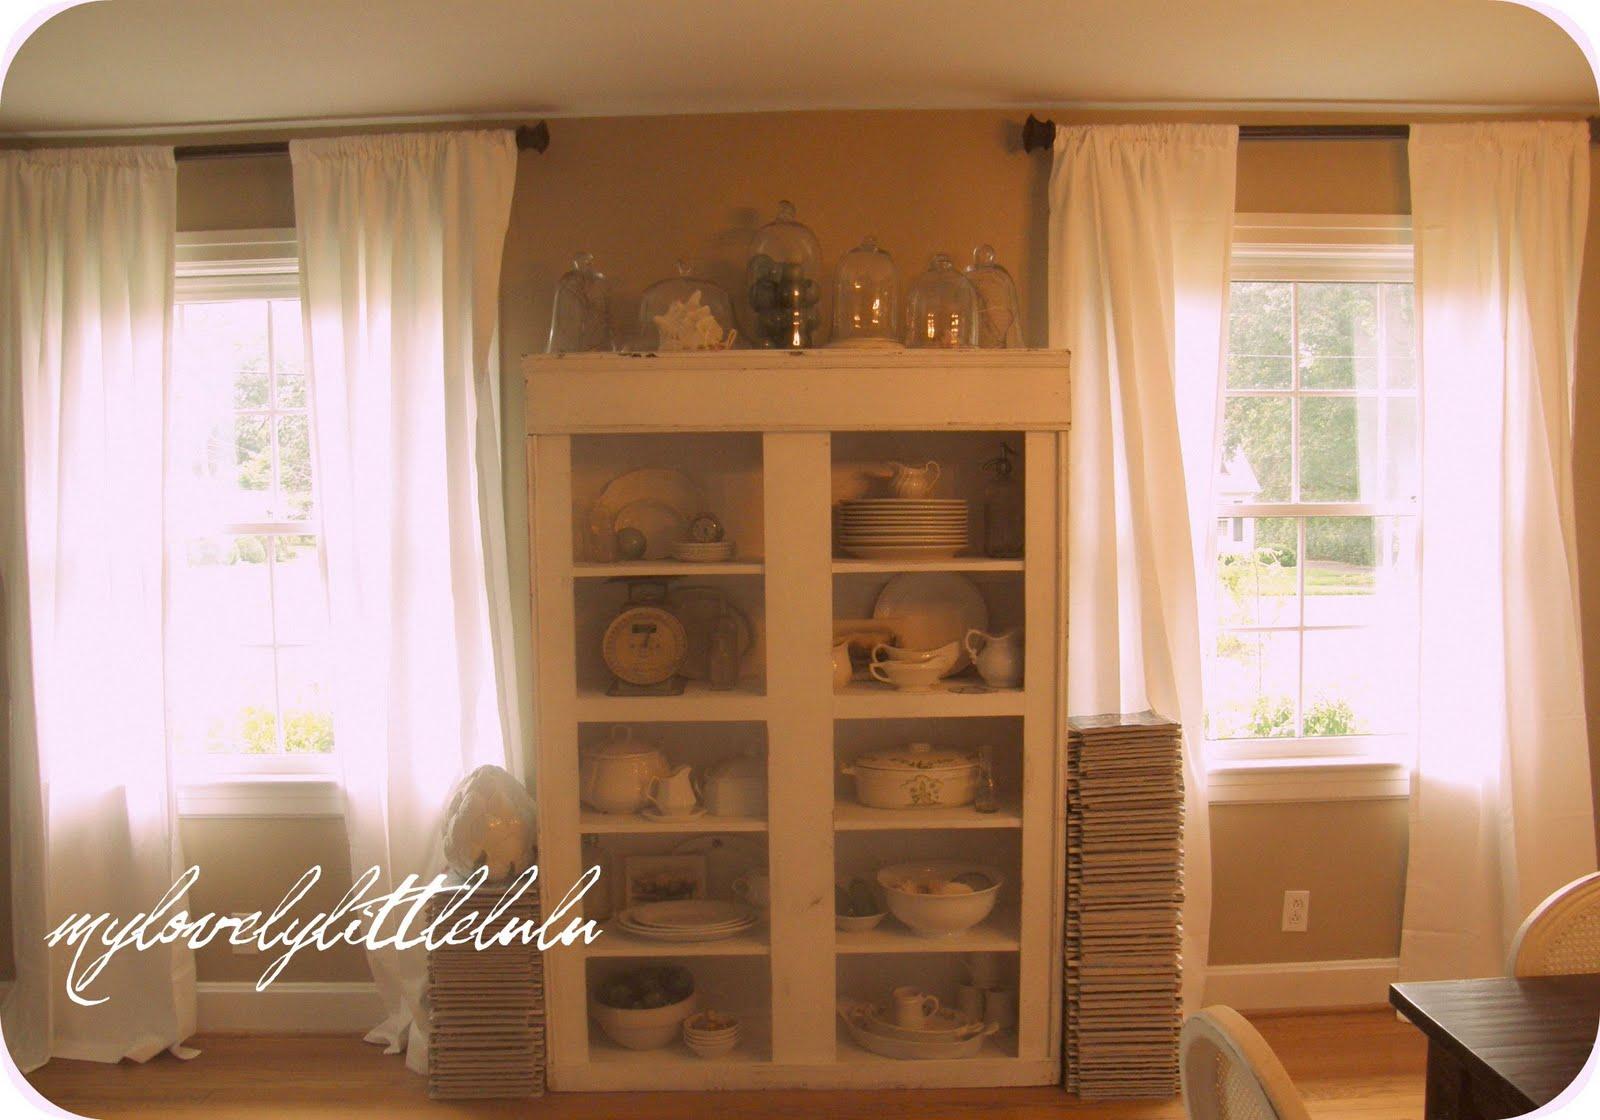 My lovely little lulu new window treatments Latest window treatments